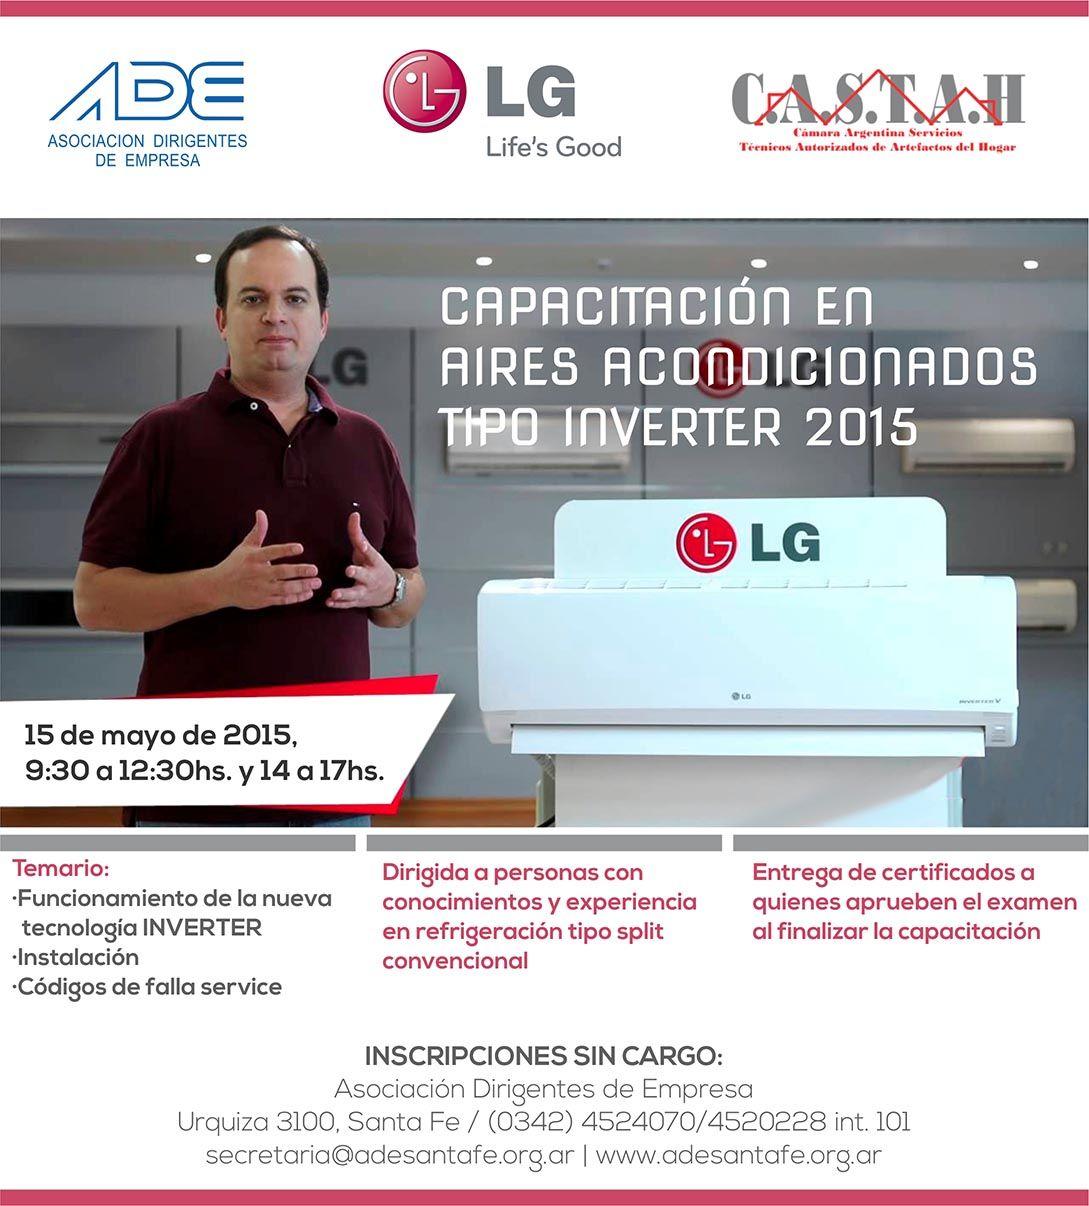 Capacitación en Aires Acondicionados Tipo Inverter (2015